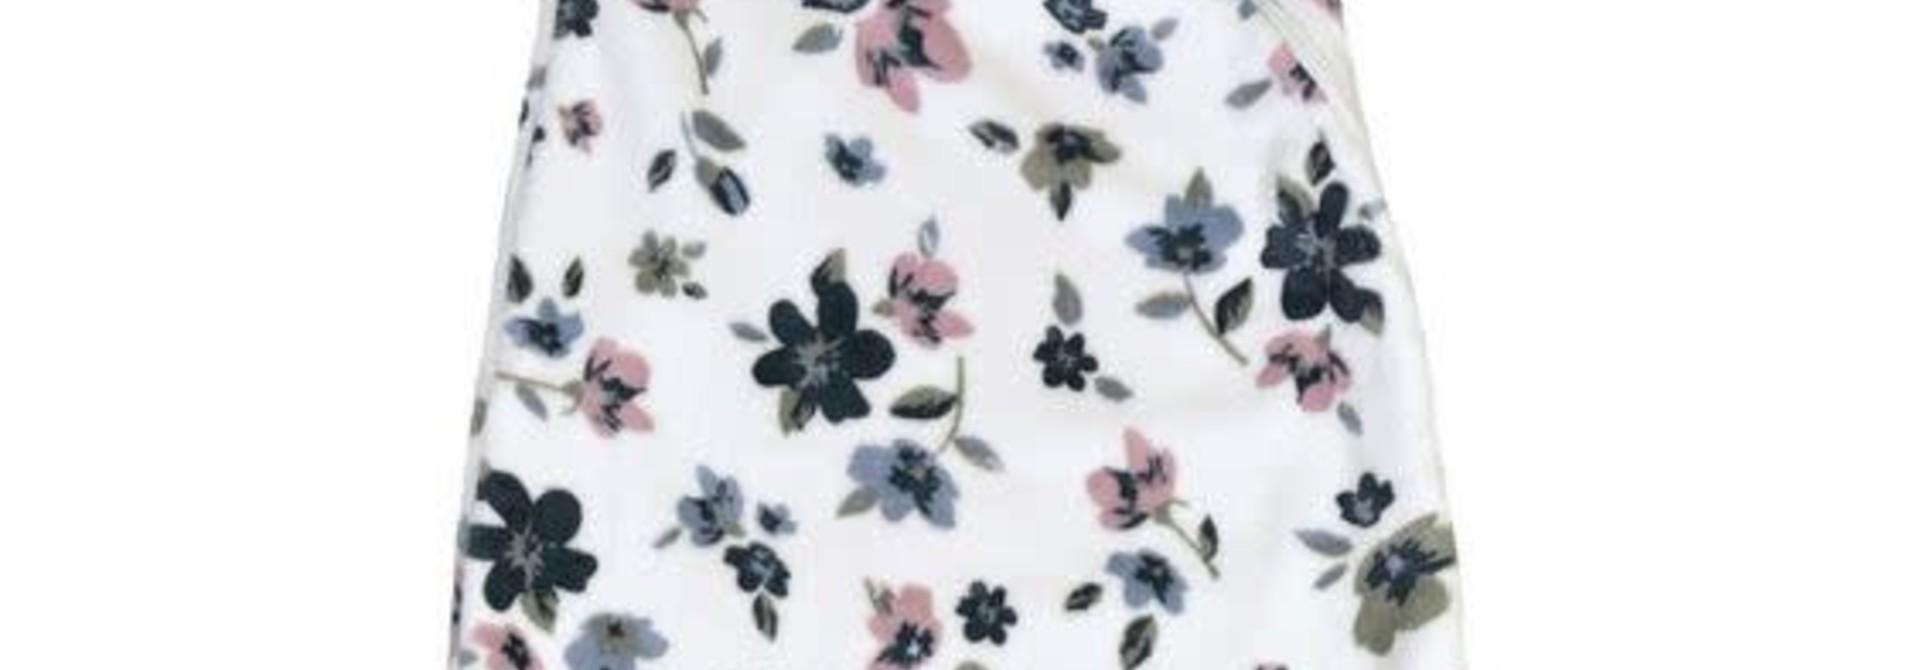 Sac de nuit en en peluche (1.5 tog) - Fleurs